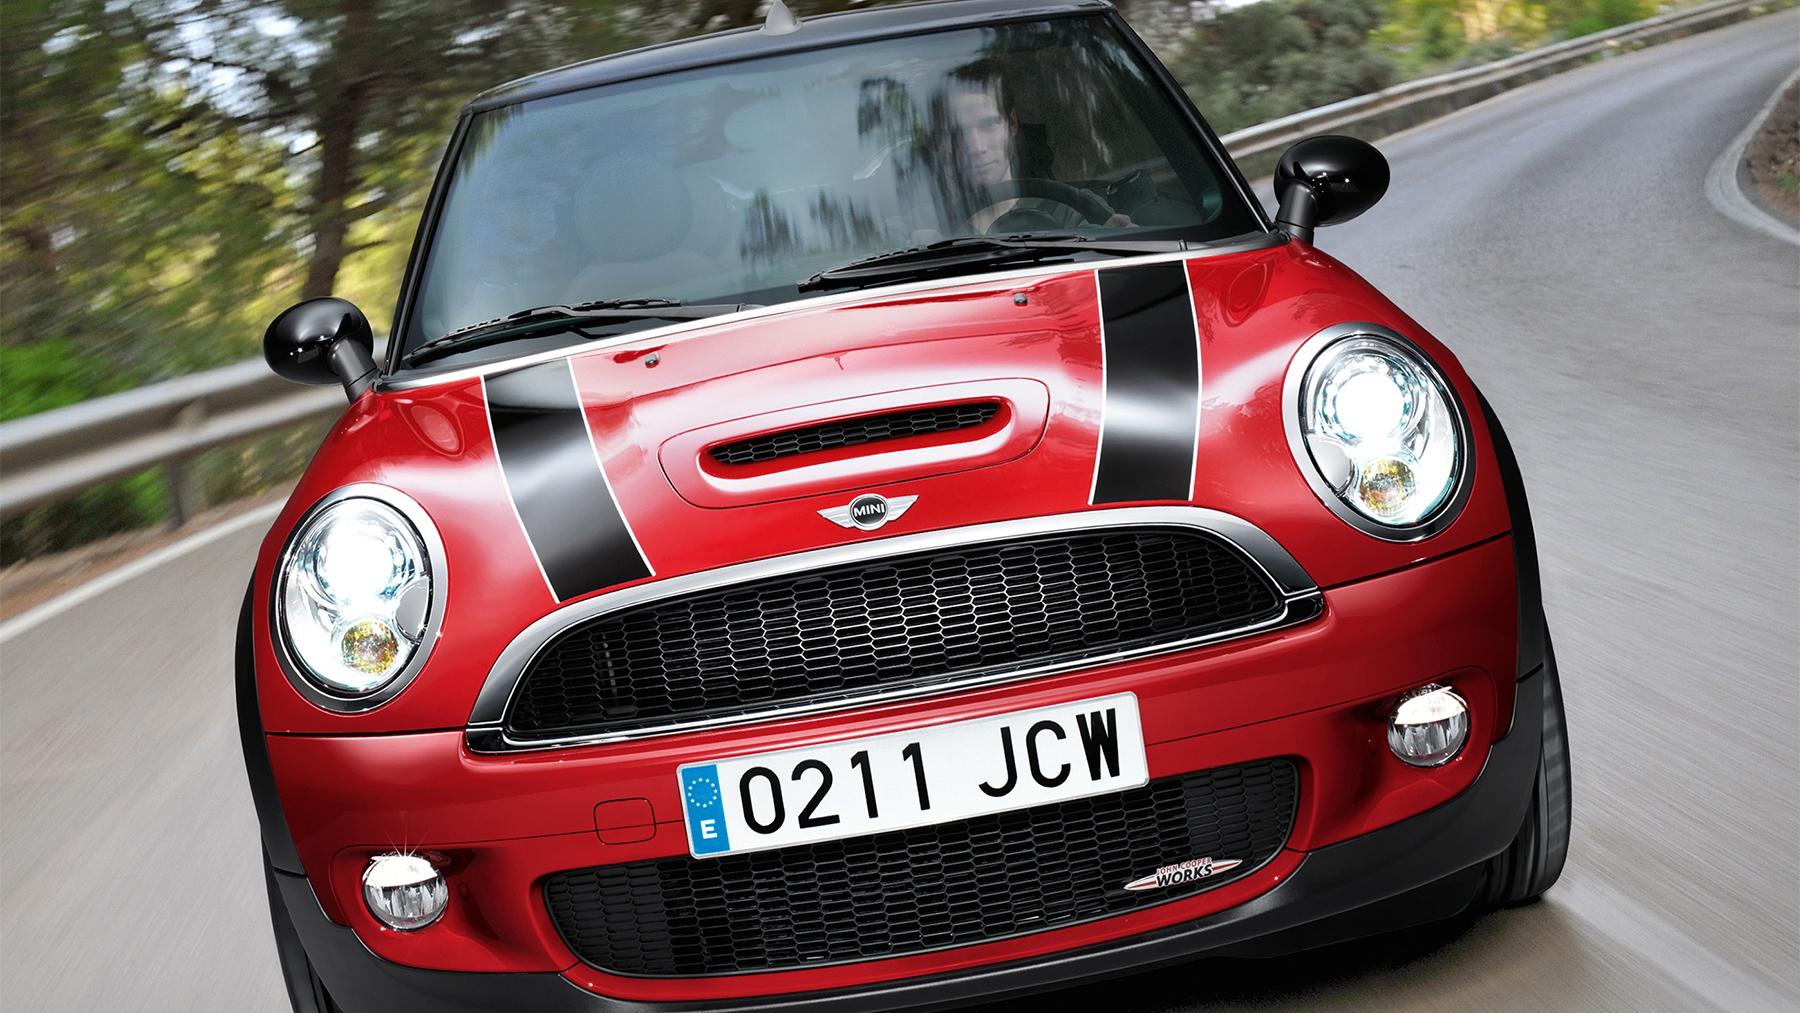 2010 mini cooper cabrio jcw 007